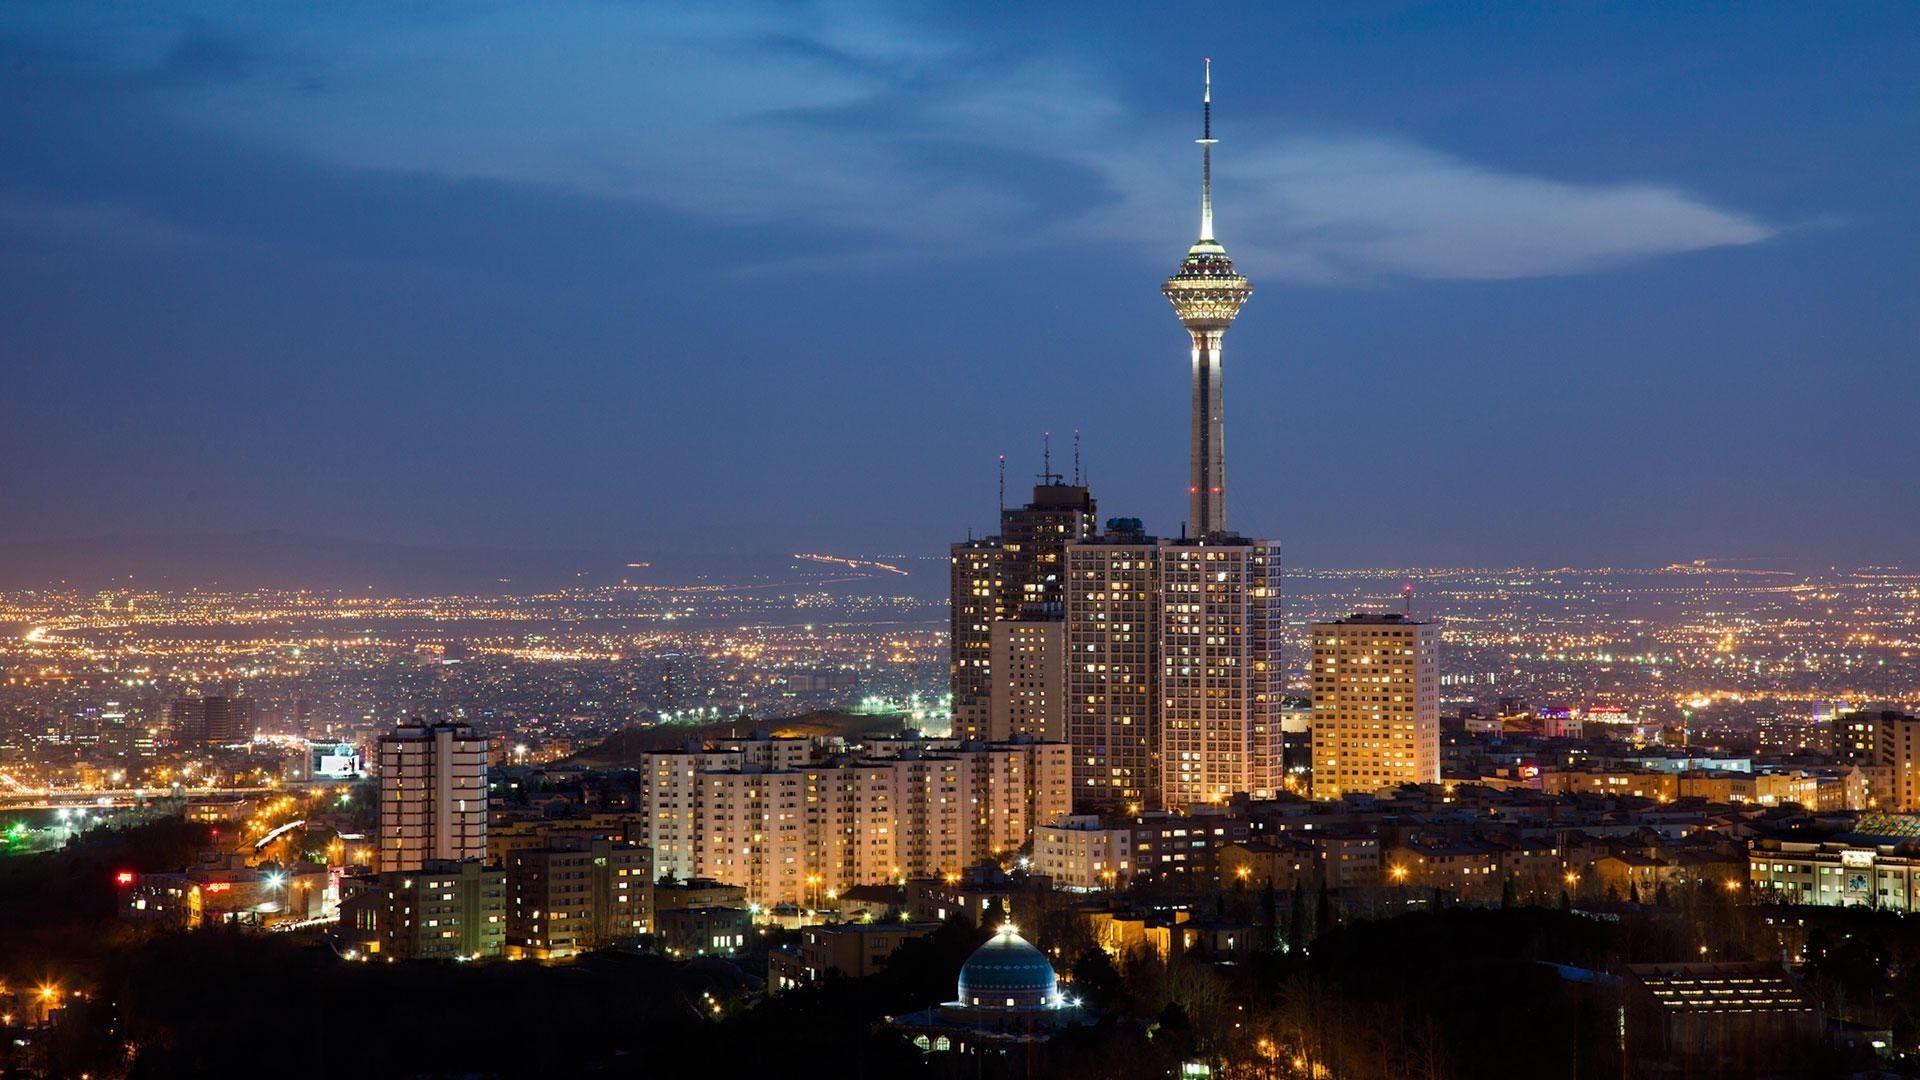 تهران بهترین شهرهای ایران برای خرید کردن